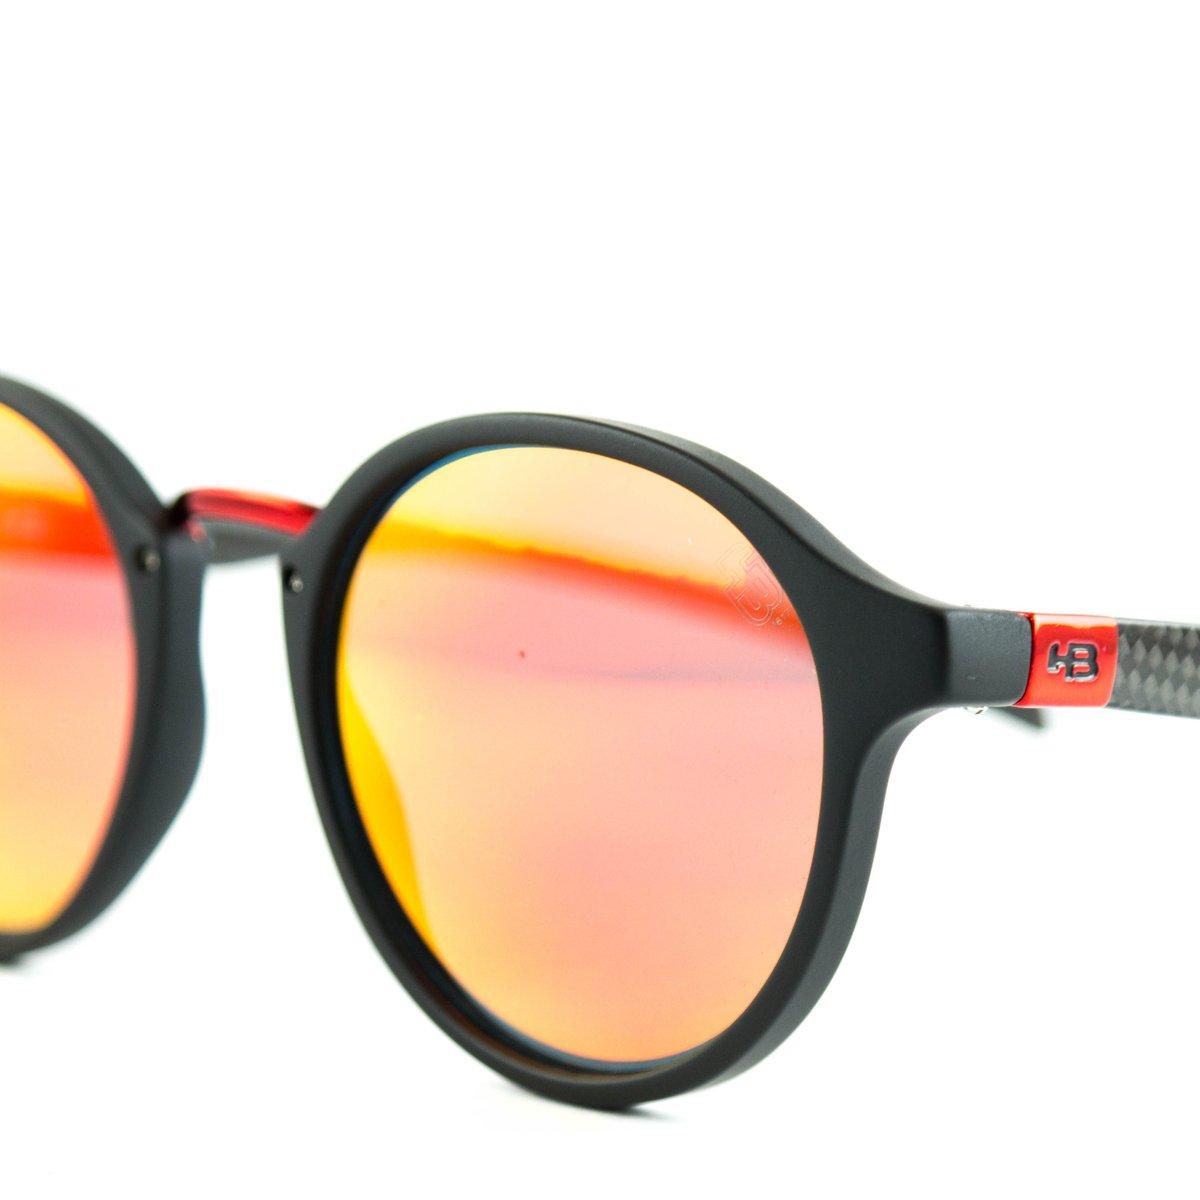 1721d1b049d99 Óculos HB Brighton Espelhado - Compre Agora   Netshoes